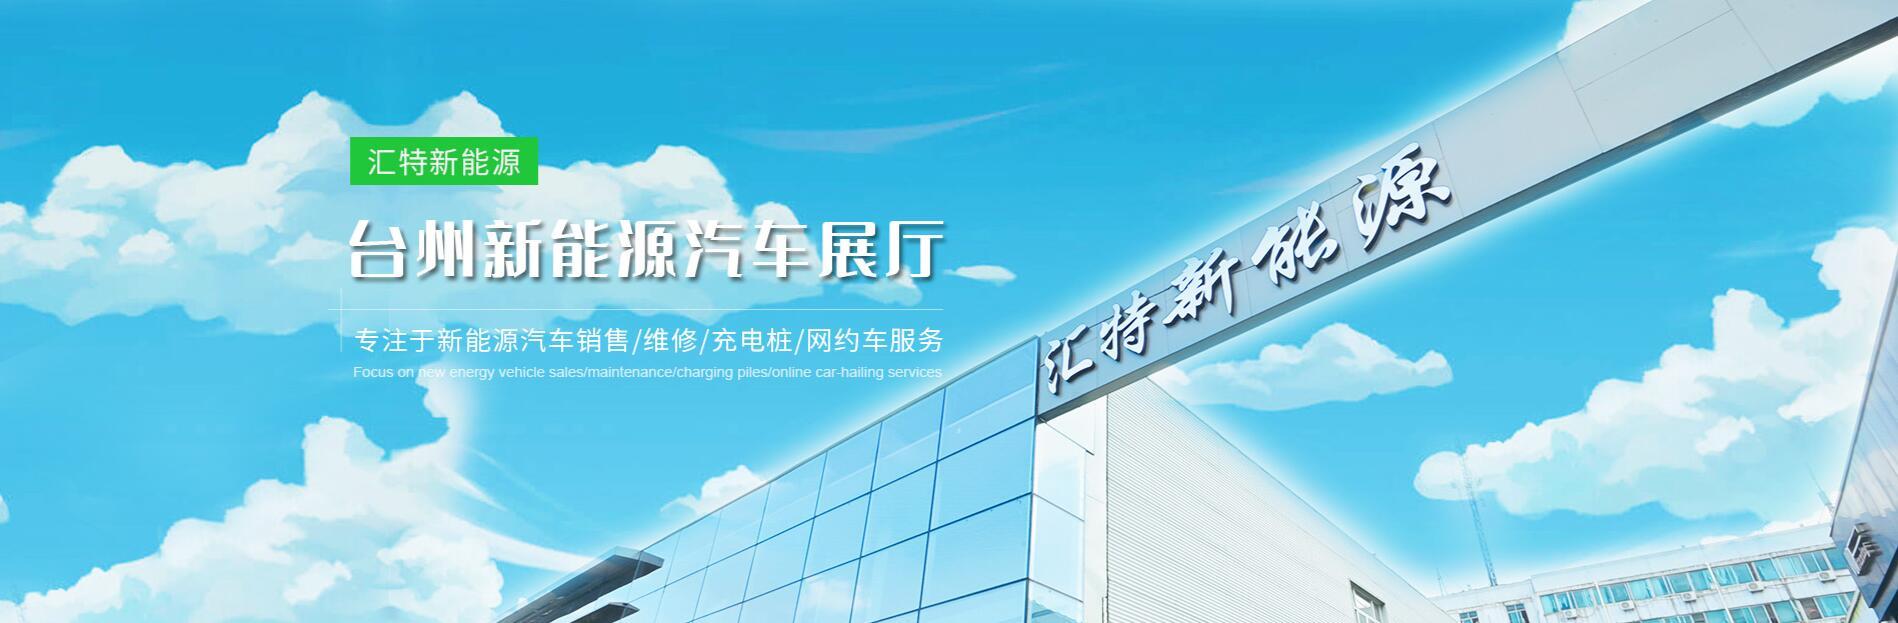 台州汇特新能源科技nba山猫直播在线观看公司介绍